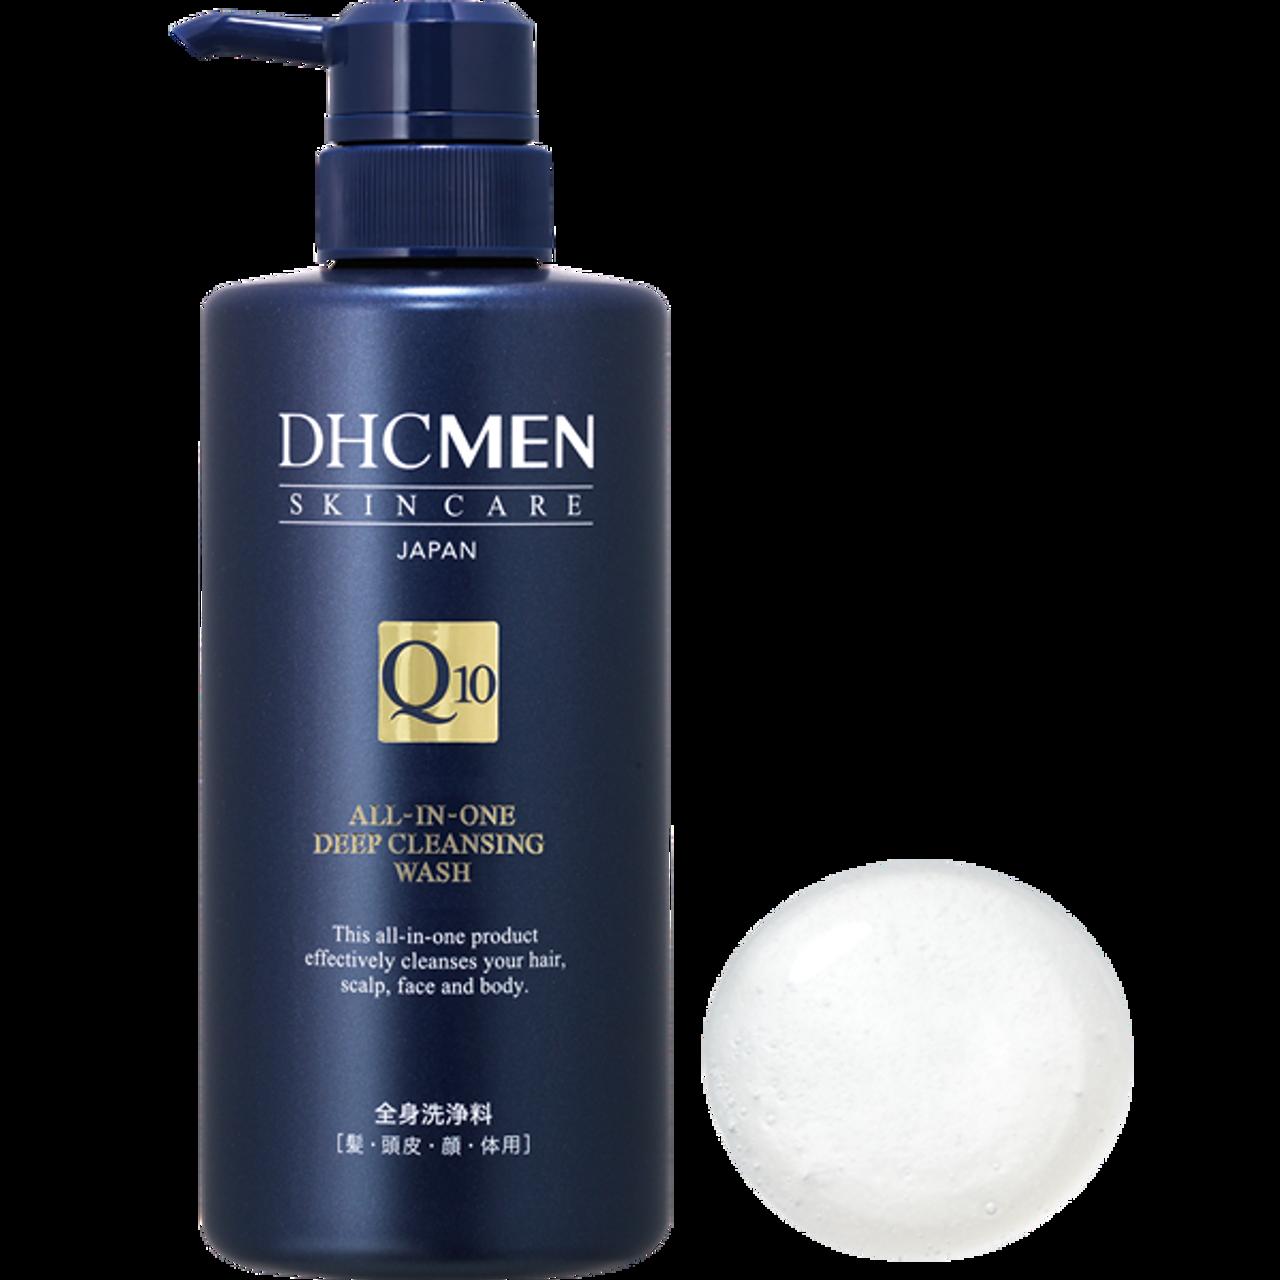 DHC Men All-in-one Deep Cleansing Wash – Универсальное средство для мытья тела, лица и волос